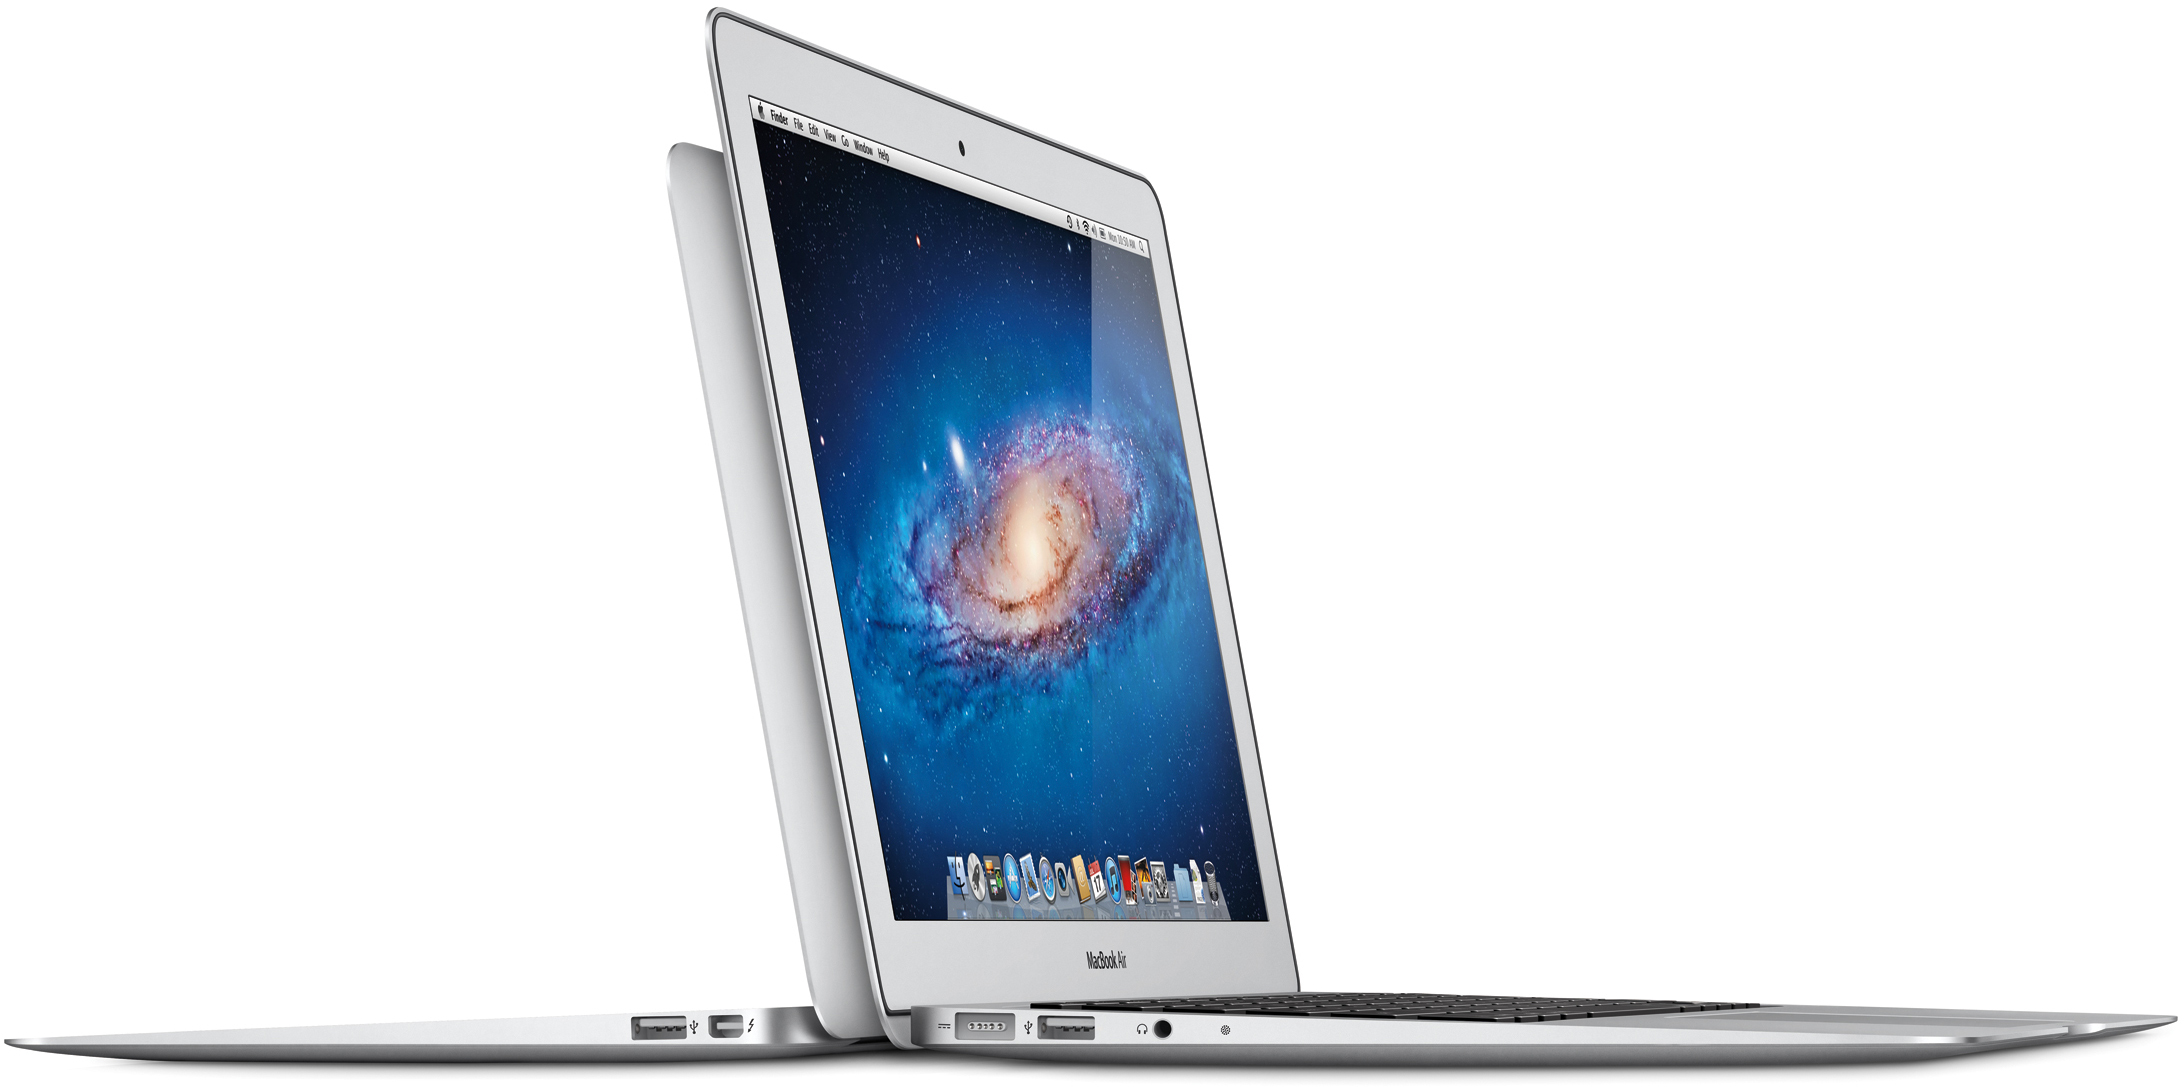 Novos MacBooks Air de lado com OS X Lion